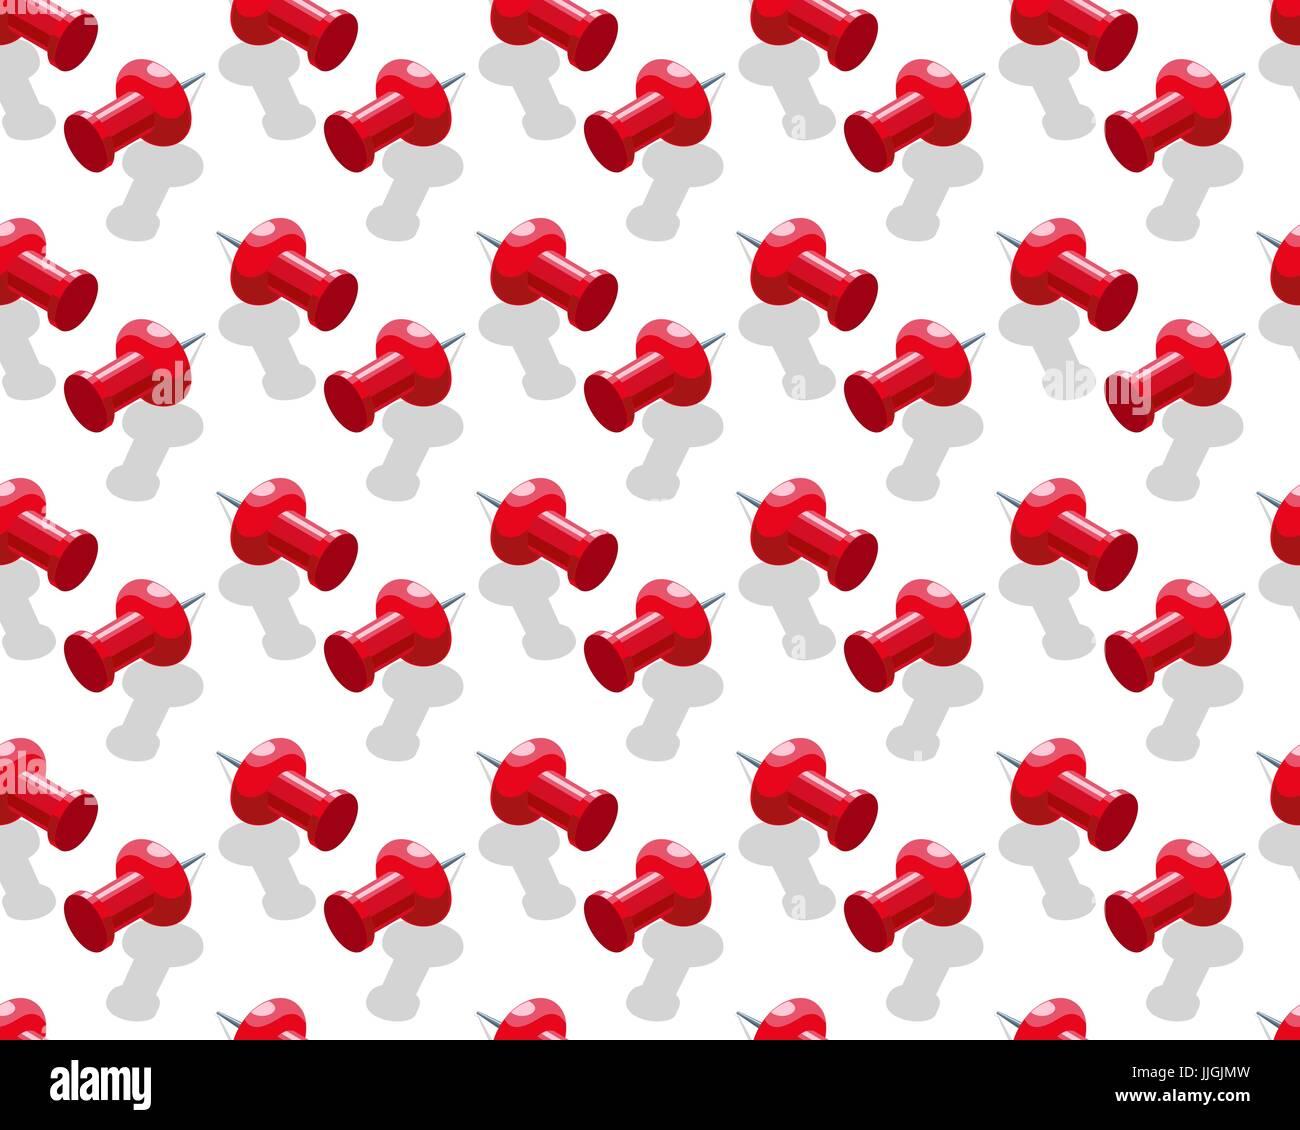 stick to it pattern - Stock Image